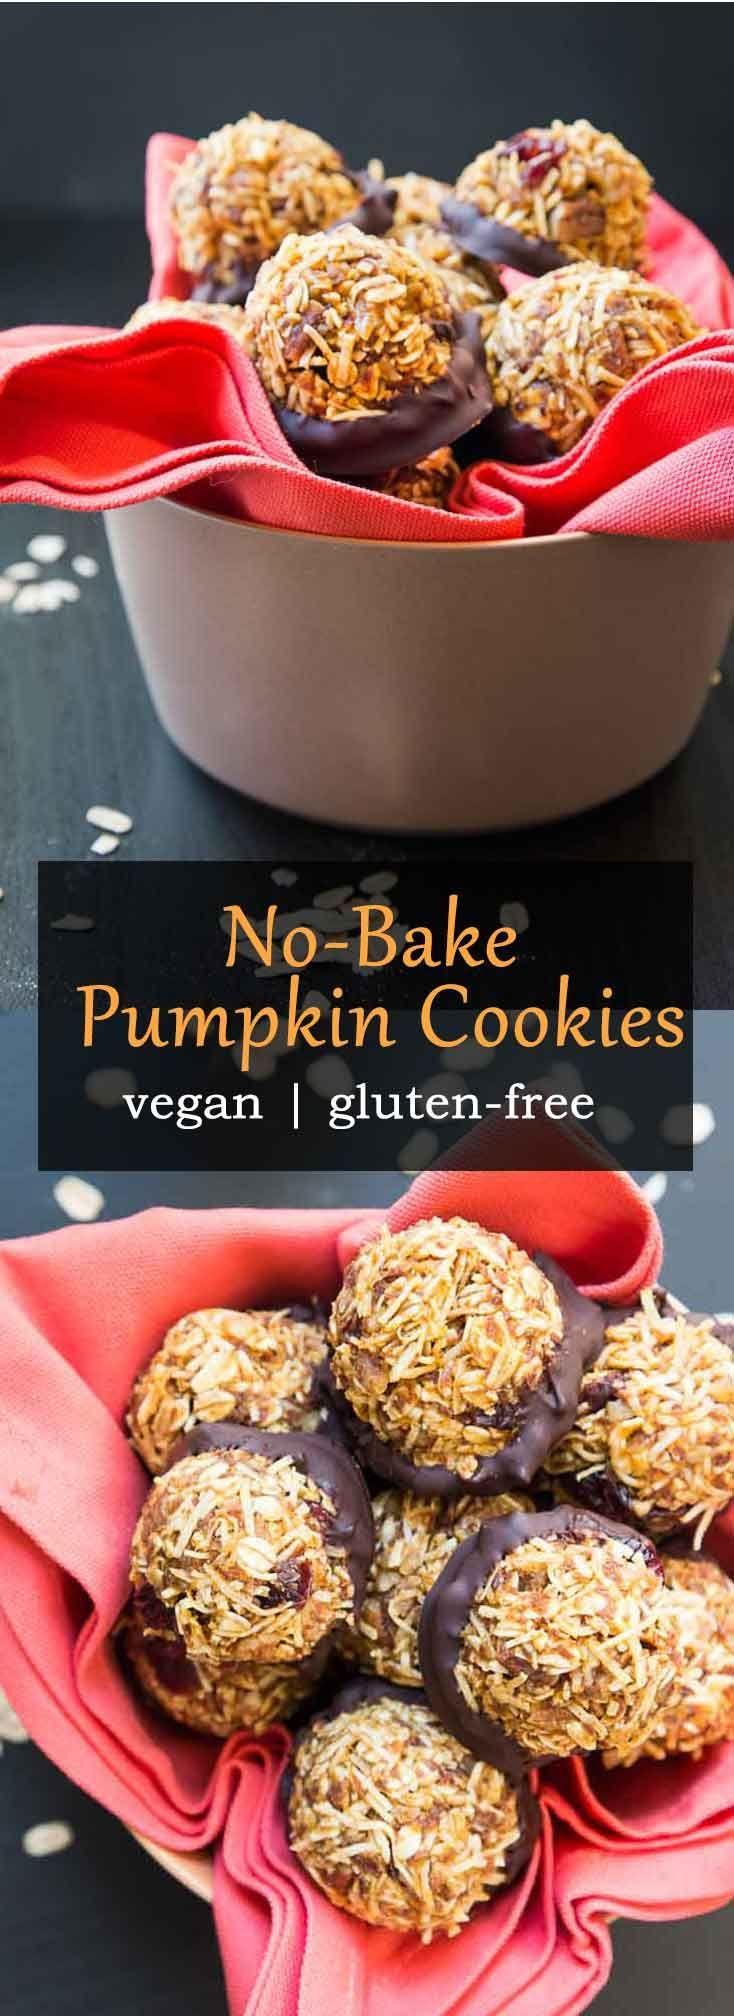 No-Bake Vegan Pumpkin Cookies with Pecans & Coconut #vegan #glutenfree   Vegetarian Gastronomy   www.VegetarianGastronomy.com